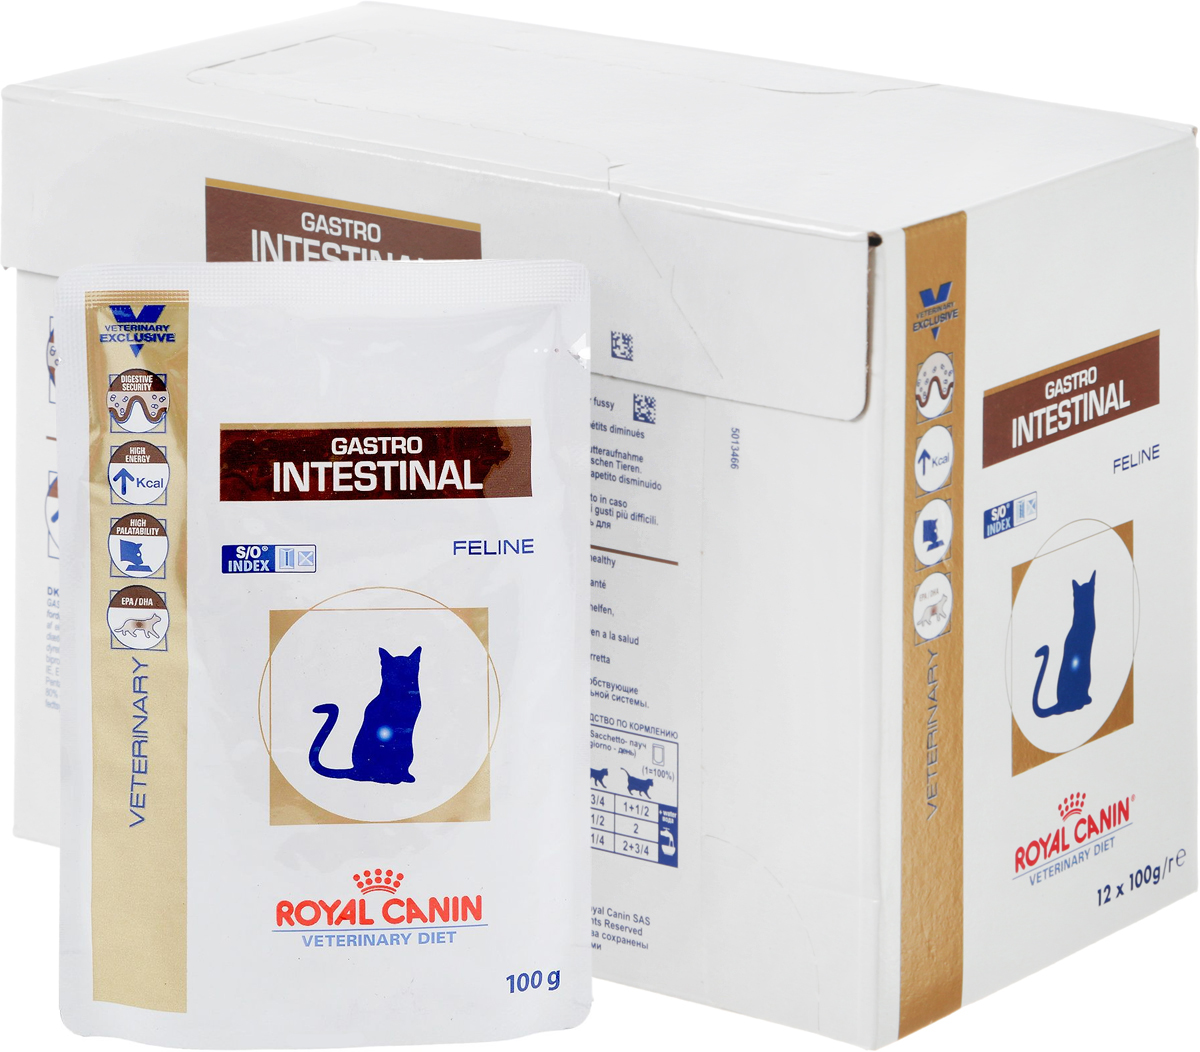 Консервы диетические Royal Canin Gastro Intestinal для кошек, при нарушениях пищеварения, 100 г, 12 шт роял канин гастро интестинал консервы пауч для кошек при нарушениях пищеварения royal canin gastro intestinal feline 100 г